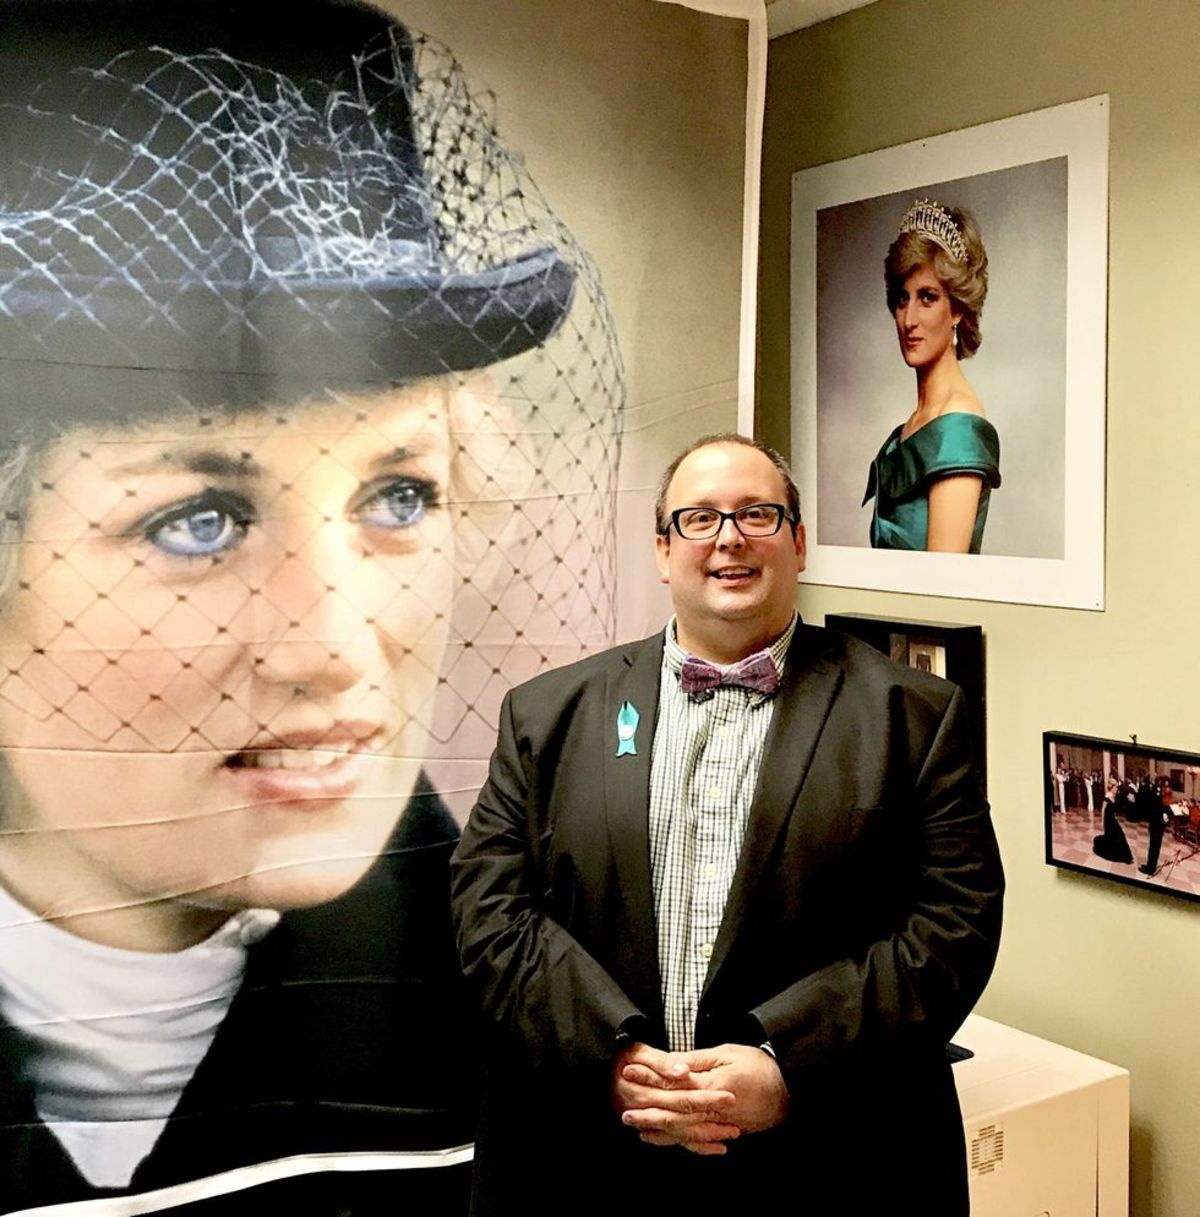 Αμύθητη συλλογή για την πριγκίπισσα Νταϊάνα – Έκανε μουσείο το σπίτι του